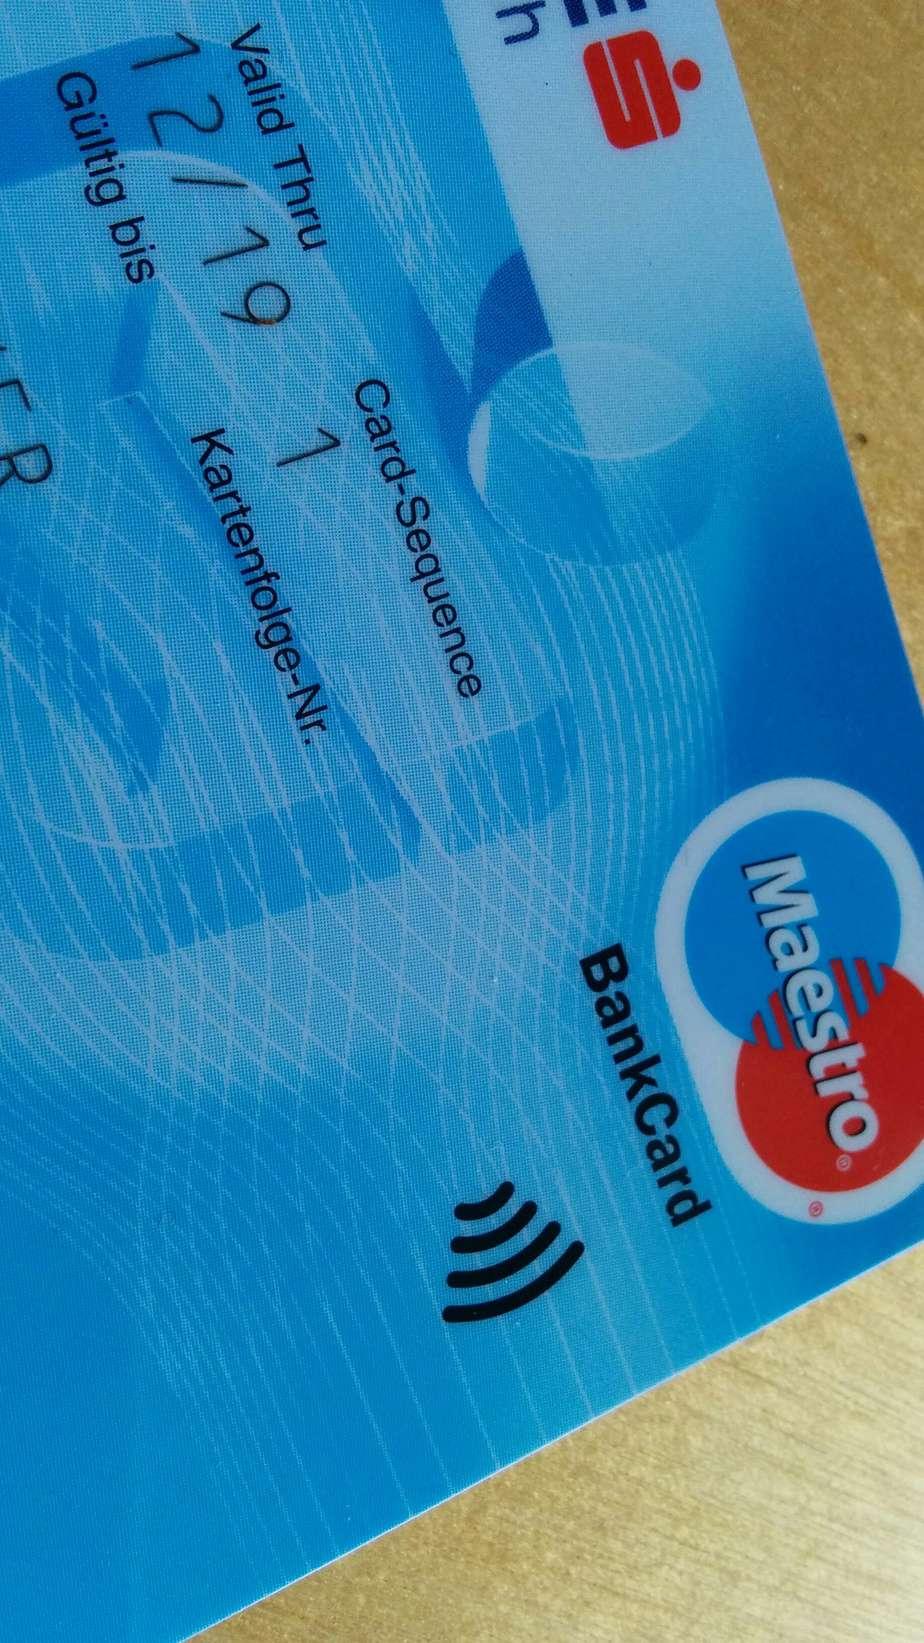 So sieht eine NFC-fähige Bankomatkarte aus. 4 geschwungene Klammern im rechten Bereich der Vorderseite der Karte.